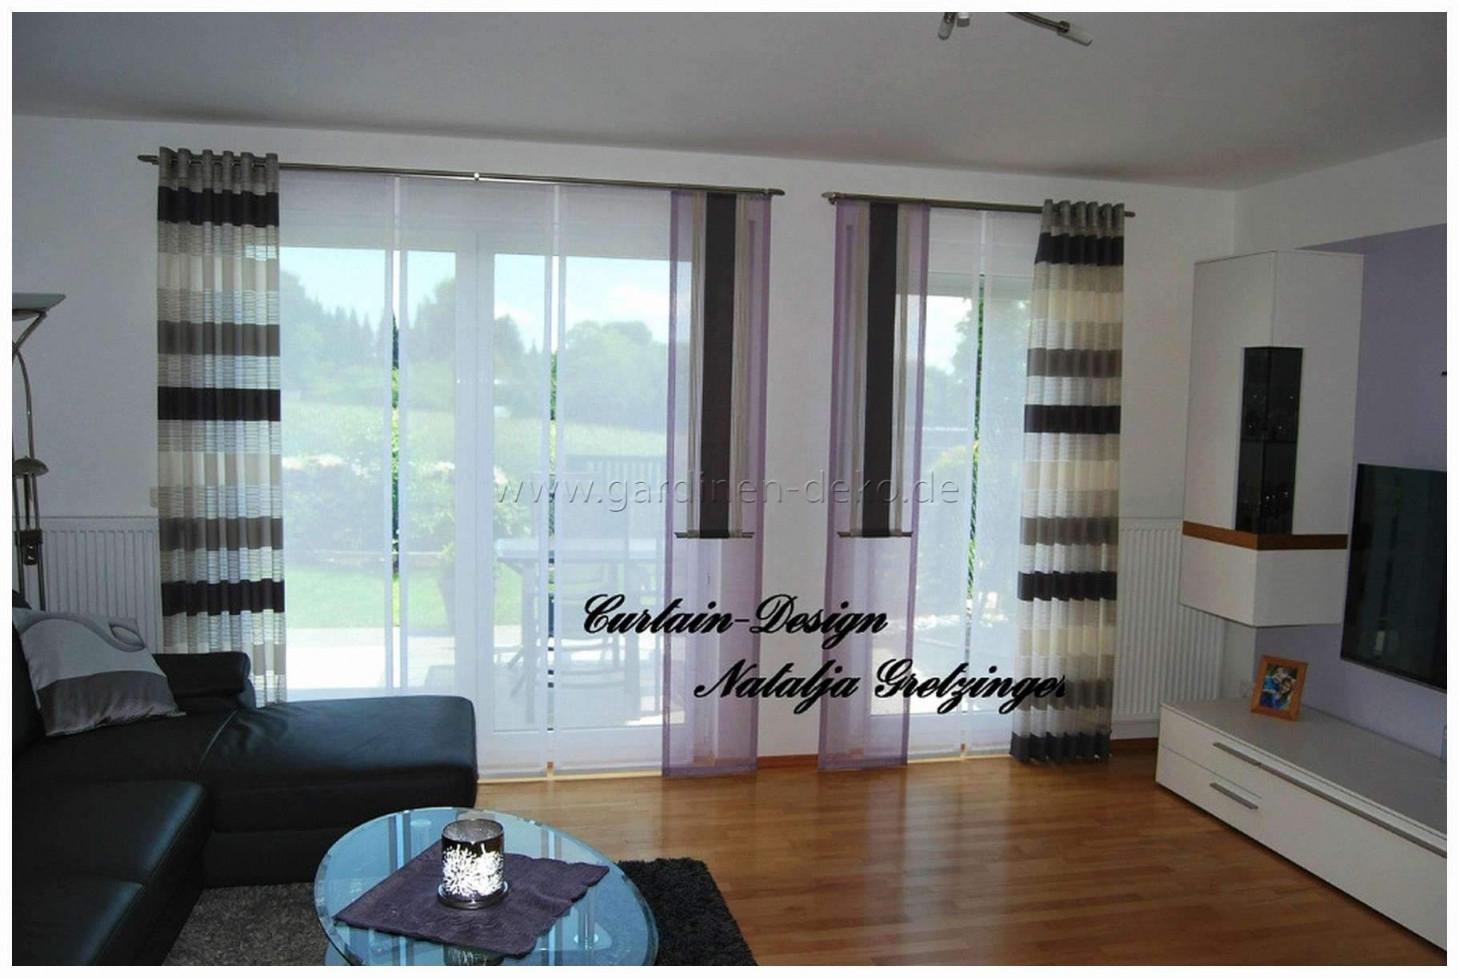 36 Frisch Wohnzimmer Gardinen Mit Balkontür Inspirierend von Wohnzimmer Gardinen Fenster Und Balkontüre Bild